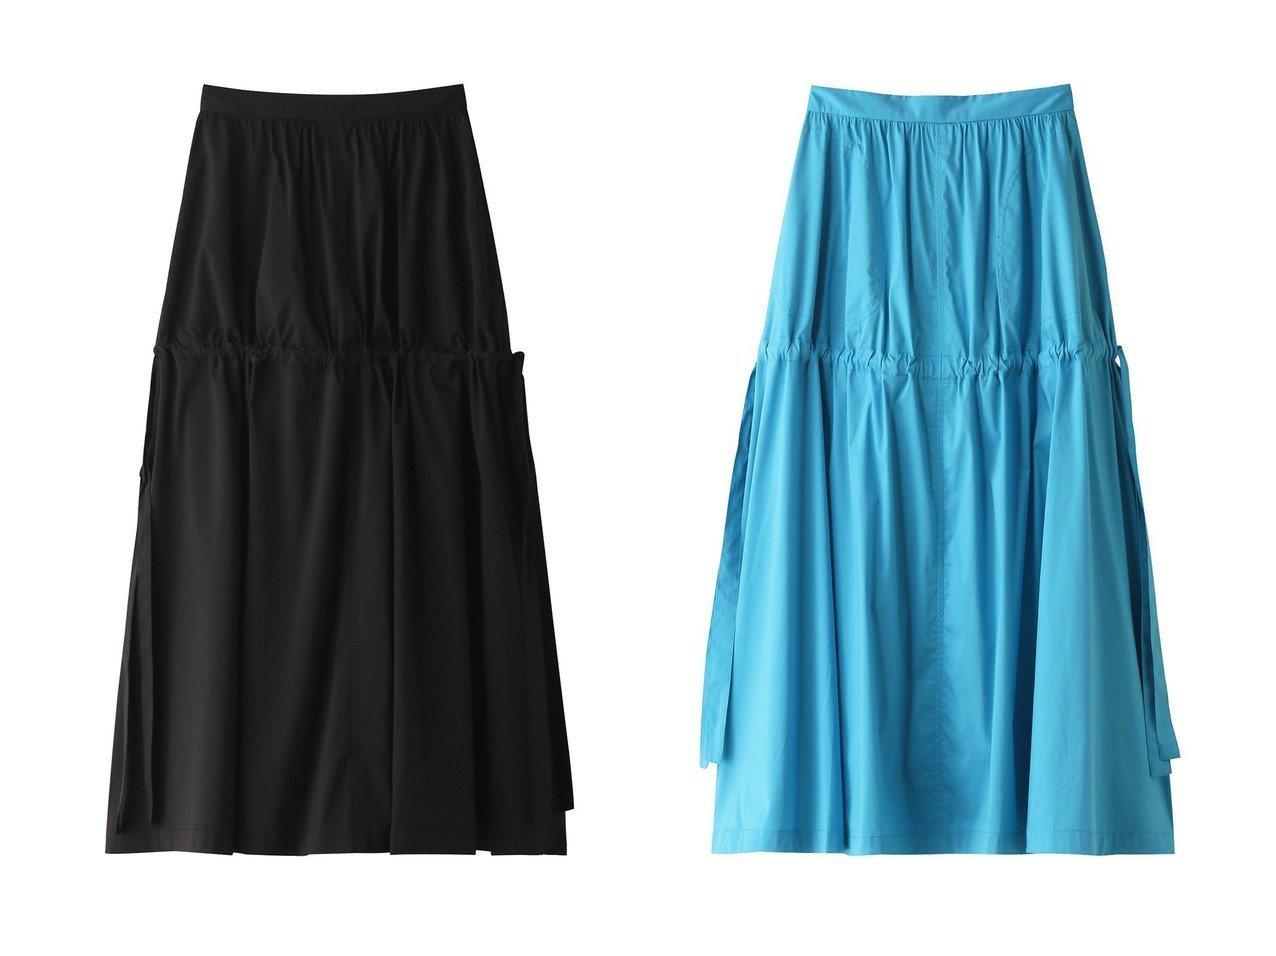 【LE CIEL BLEU/ルシェル ブルー】のコットンツイルマキシスカート スカートのおすすめ!人気、レディースファッションの通販 おすすめで人気のファッション通販商品 インテリア・家具・キッズファッション・メンズファッション・レディースファッション・服の通販 founy(ファニー) https://founy.com/ ファッション Fashion レディース WOMEN スカート Skirt ロングスカート Long Skirt サンダル スニーカー ダウン フラット マキシ リボン ロング 春 |ID:crp329100000000057